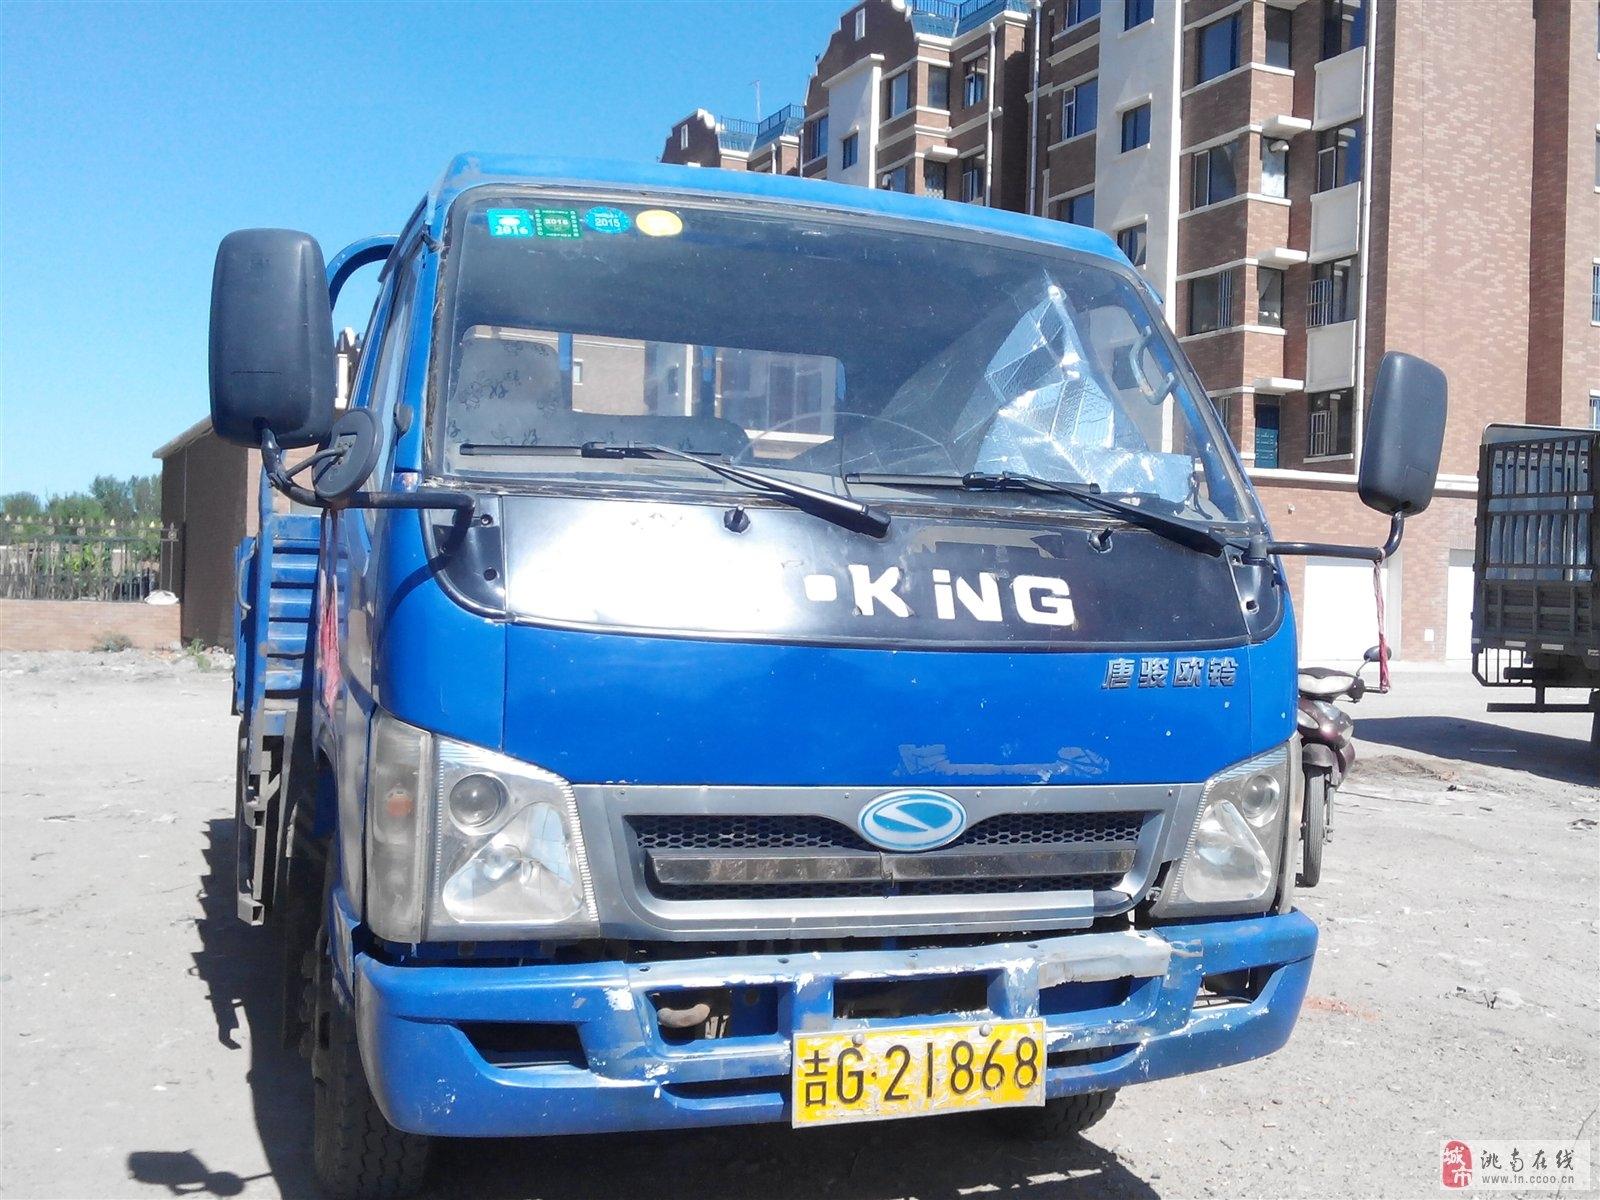 急賣唐駿輕卡王4102機器,4.2米板車